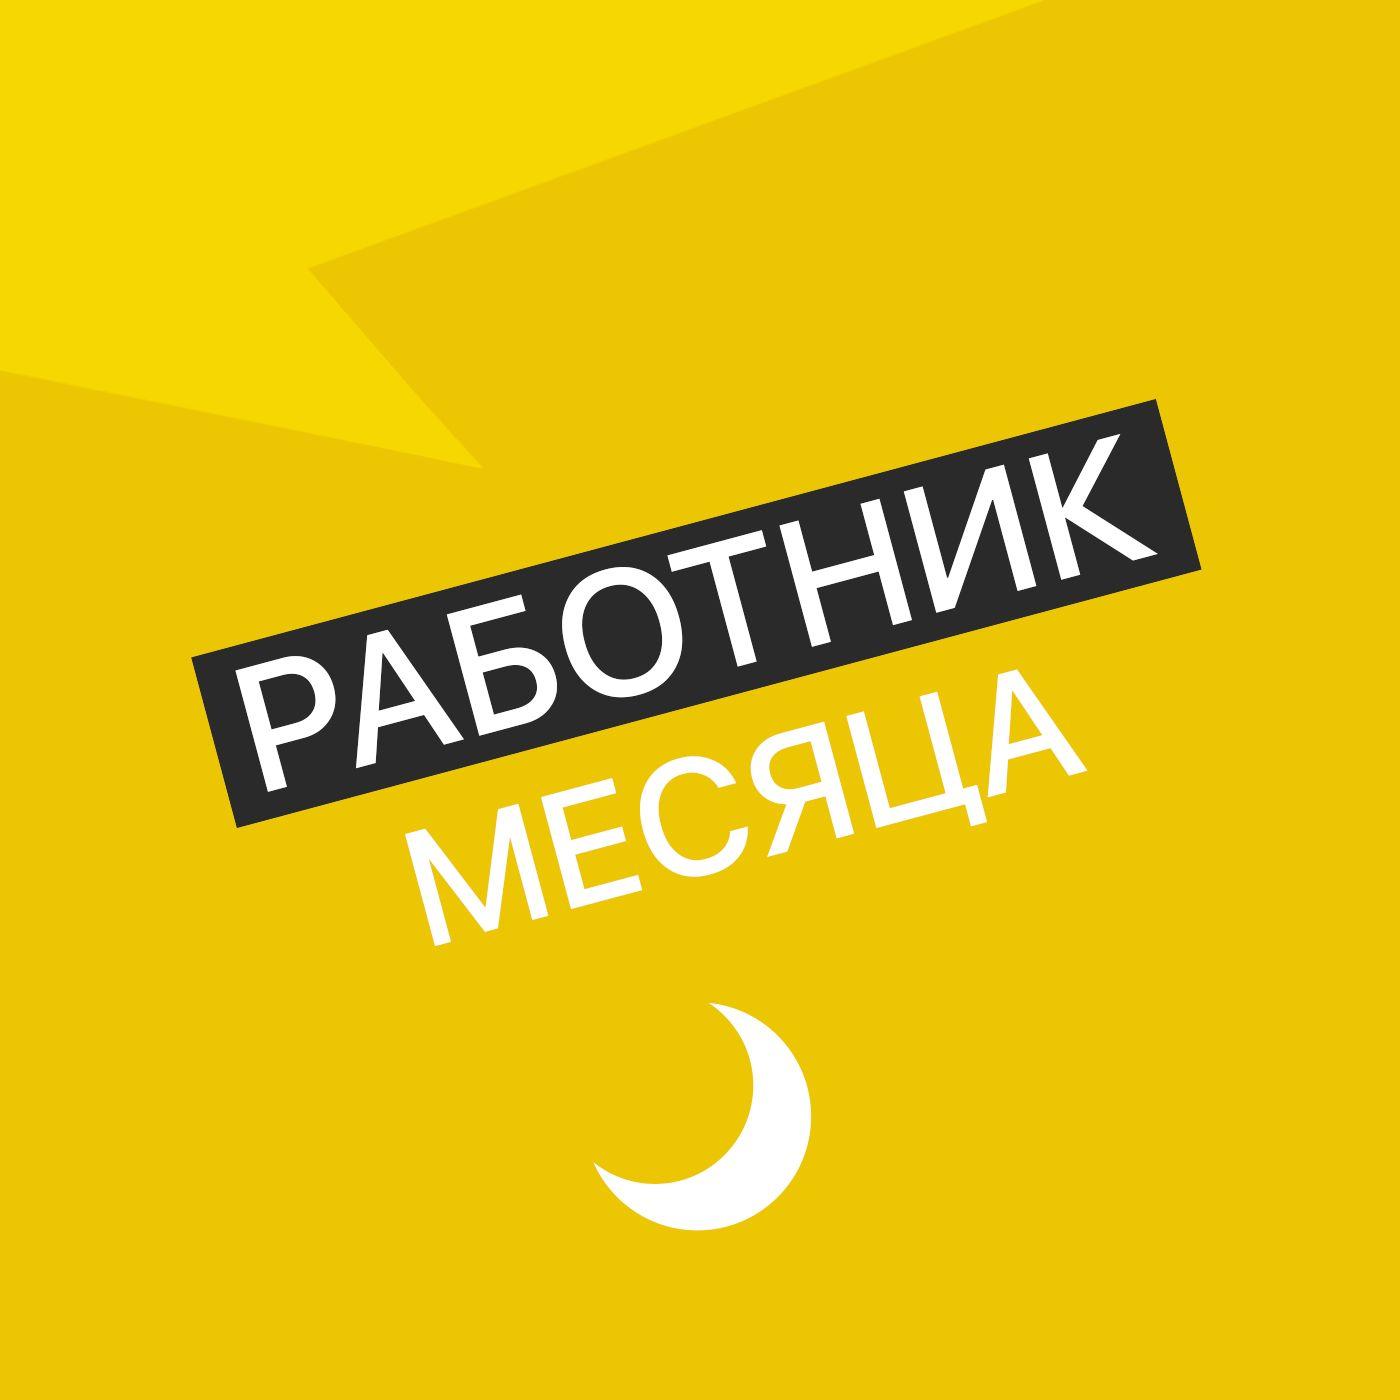 Творческий коллектив Mojomedia Барбер